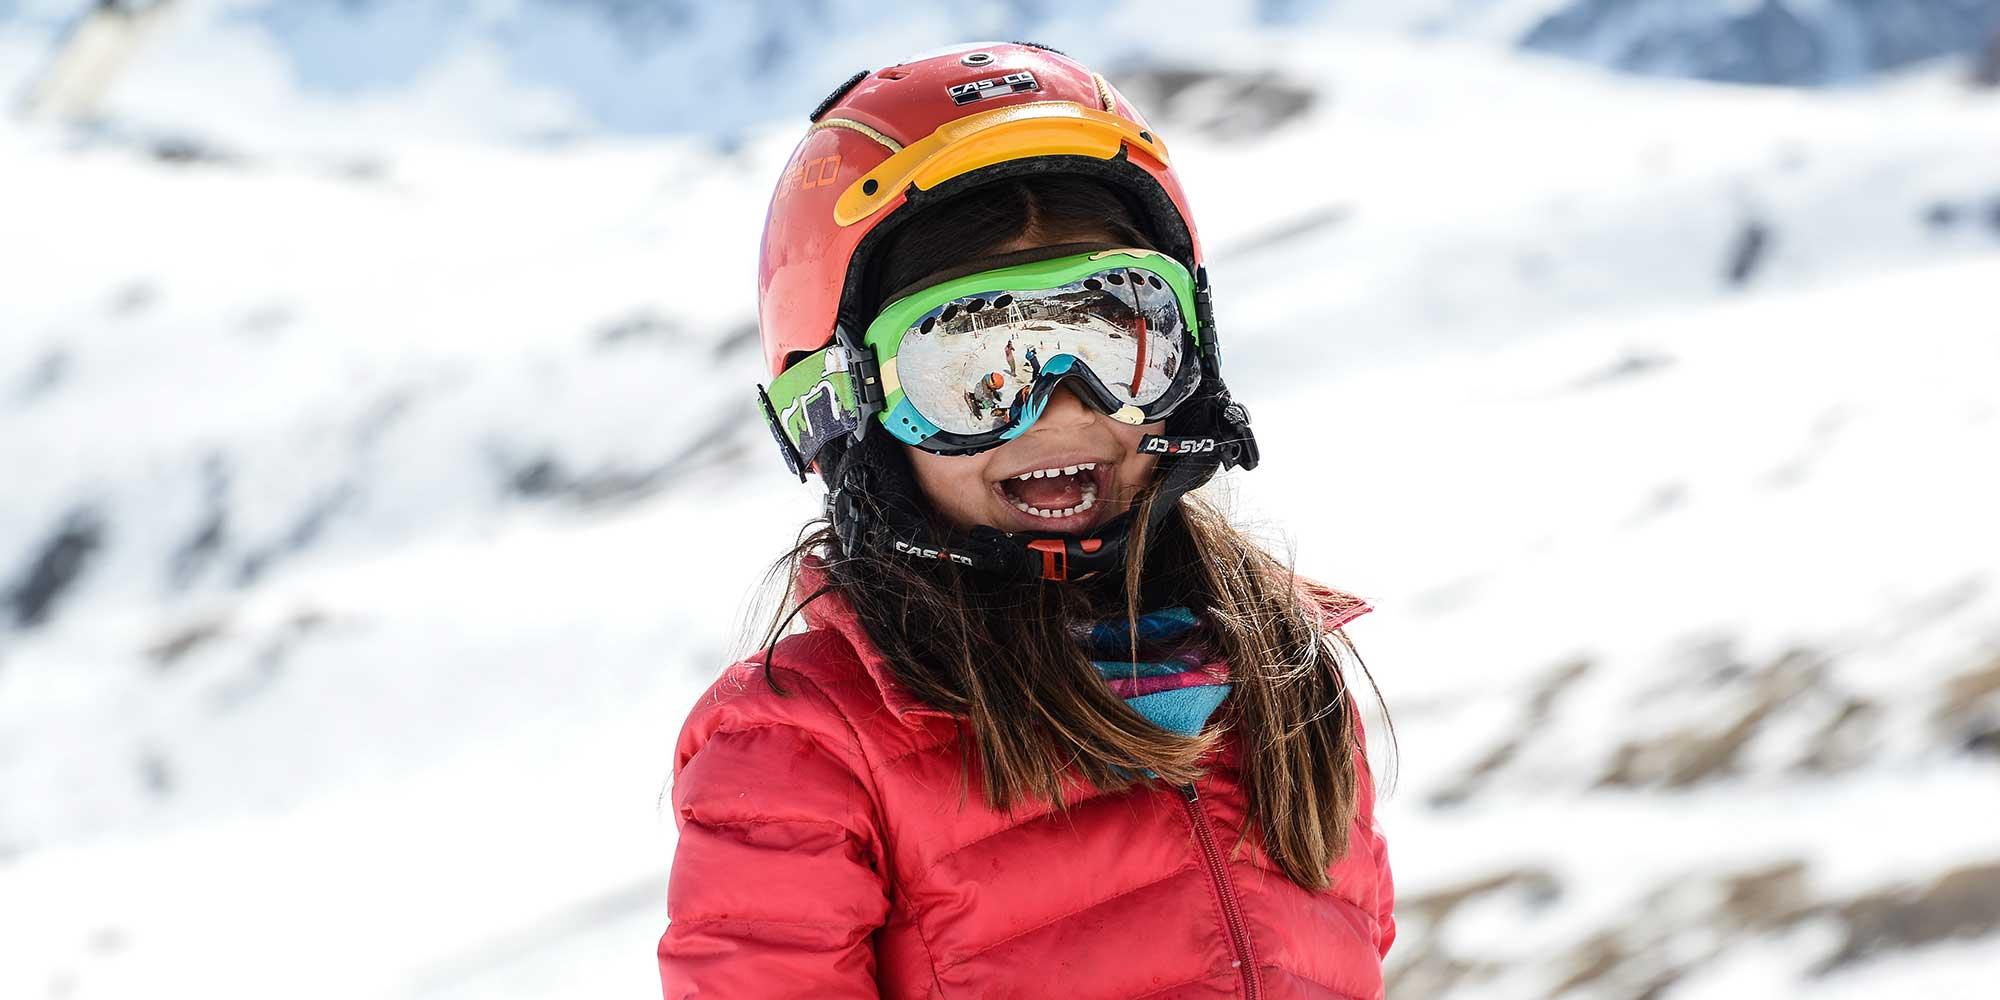 galerie photos prosneige enfant souriant